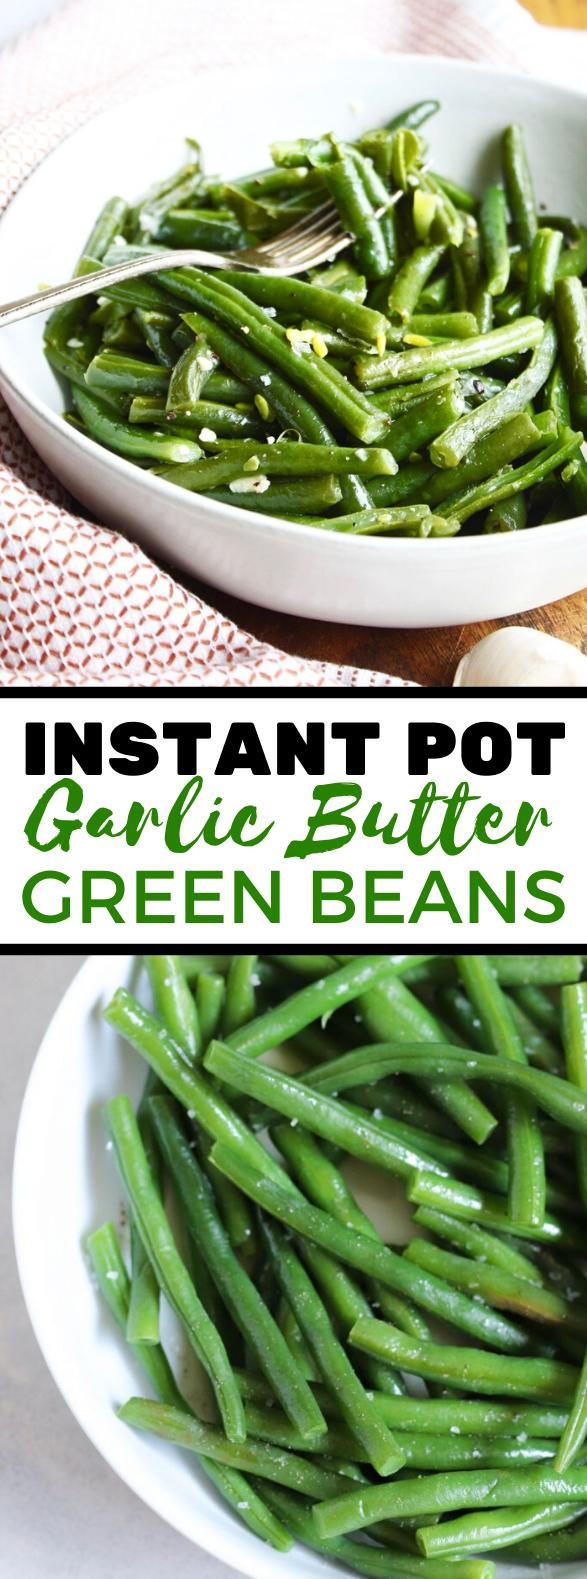 Instant Pot Garlic Butter Green Beans #vegetarian #veggies